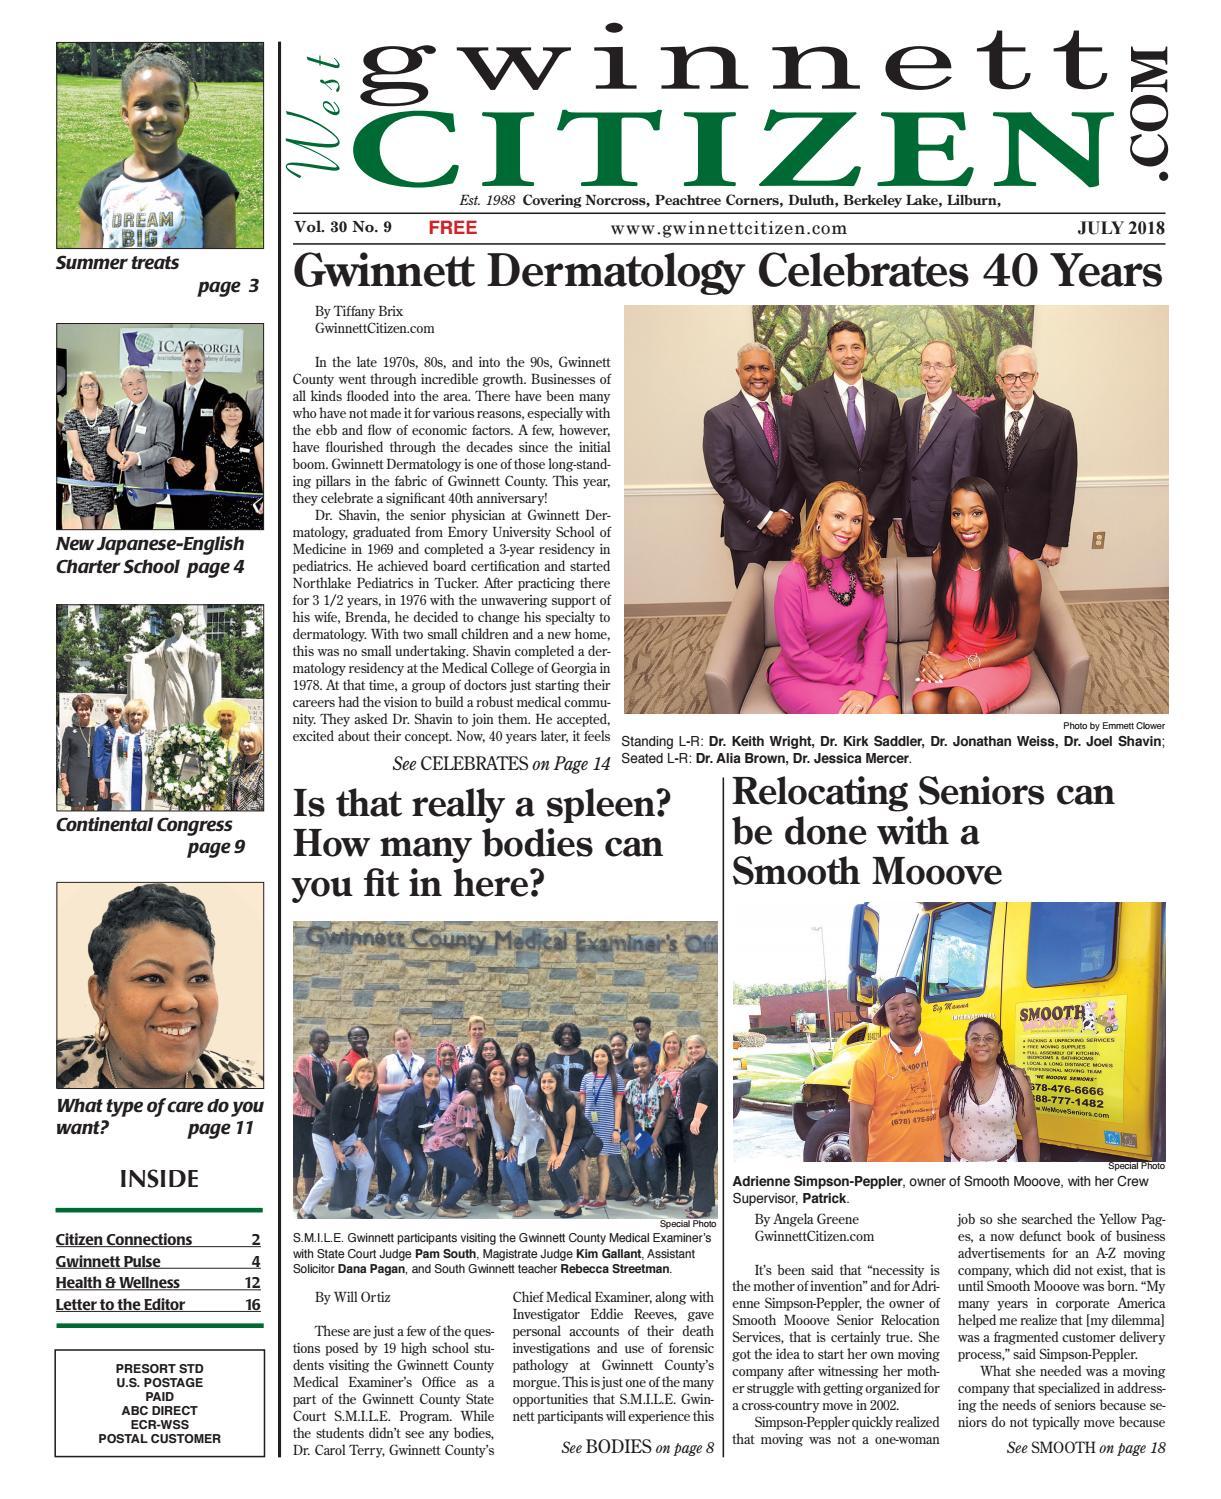 Gwinnett Citizen West July 2018 by GwinnettCitizen com - issuu